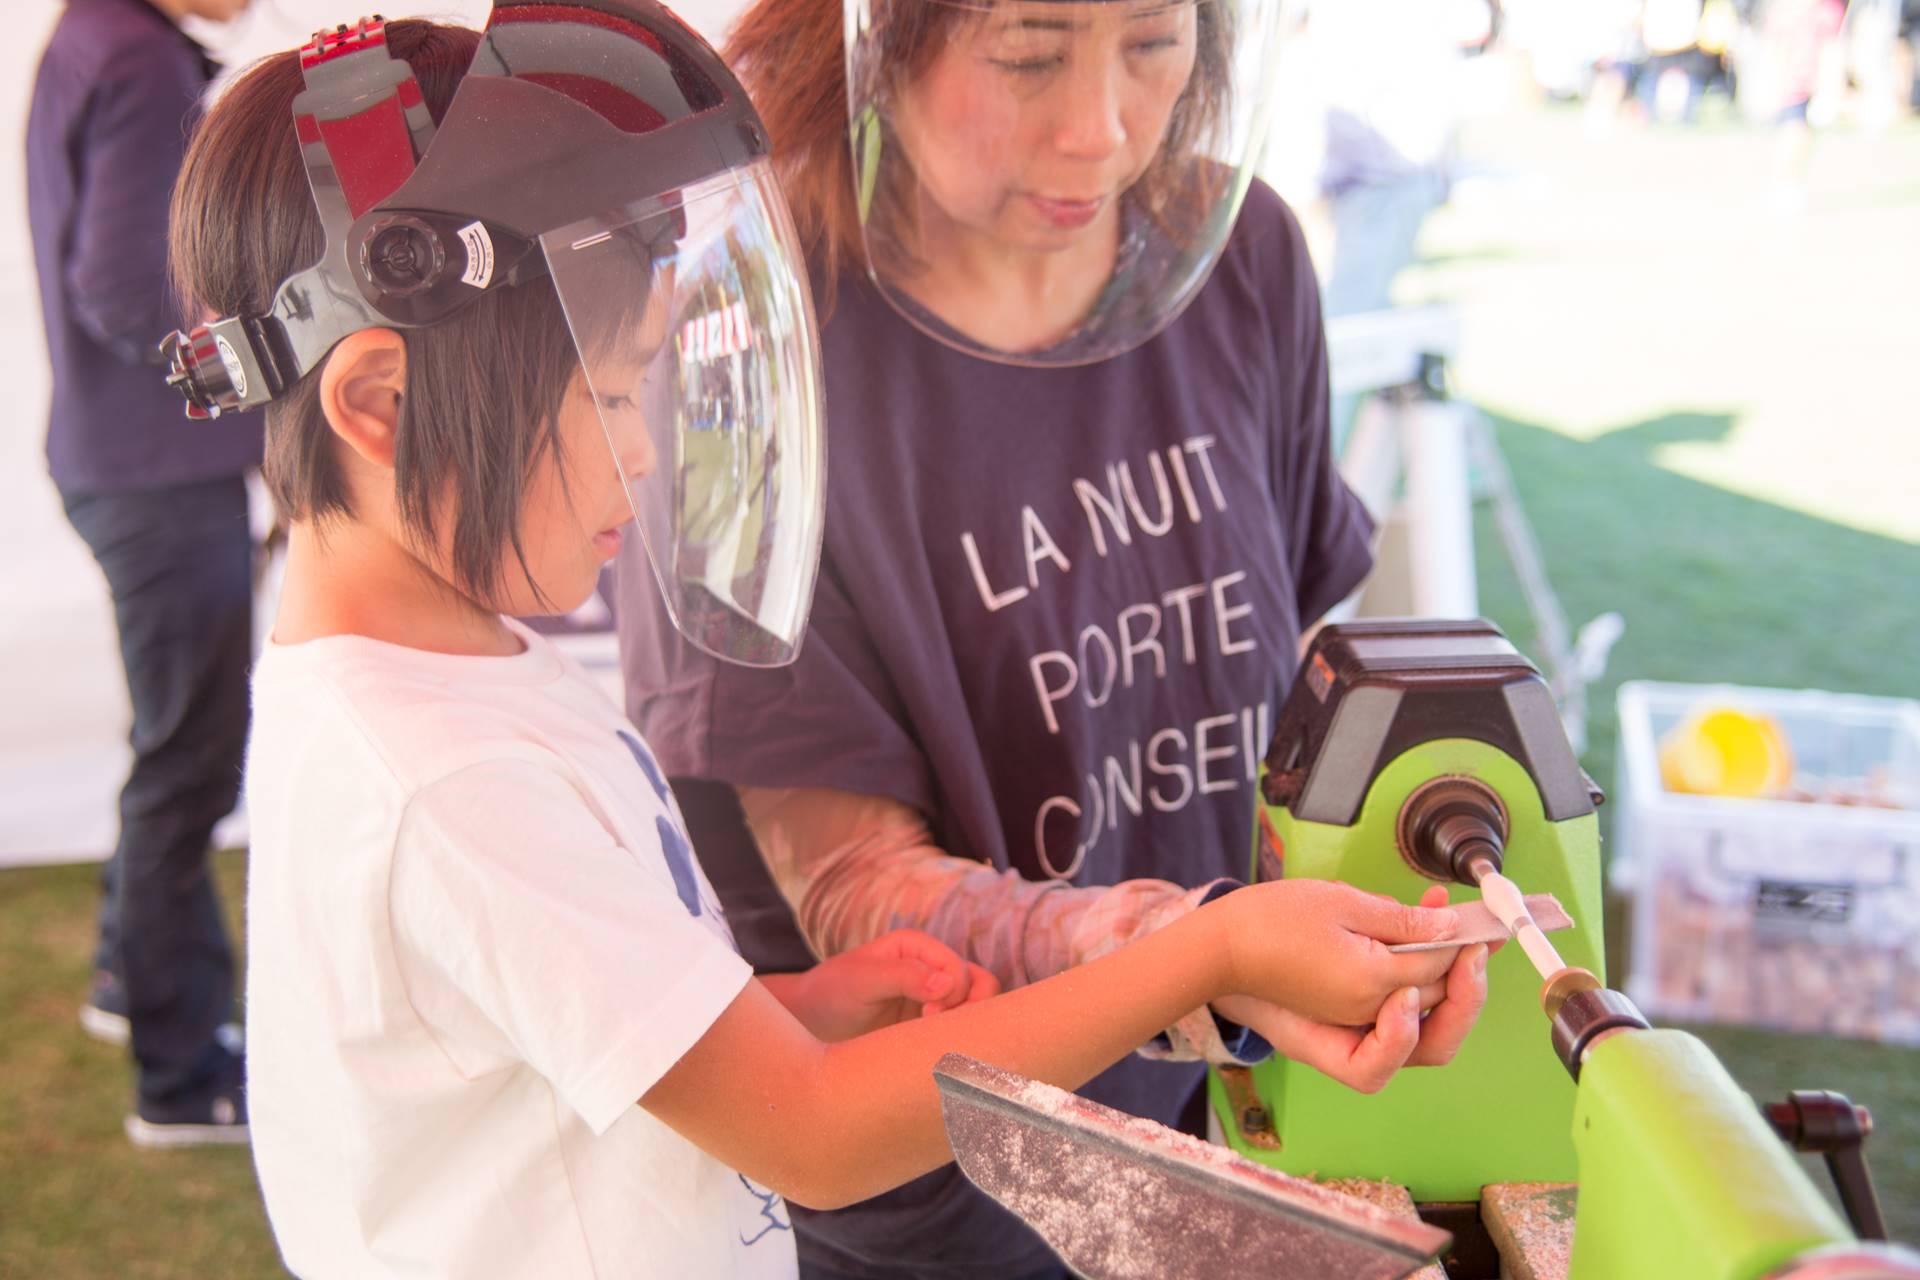 ぎふの木フェスタ 2017 岐阜メモリアルセンター